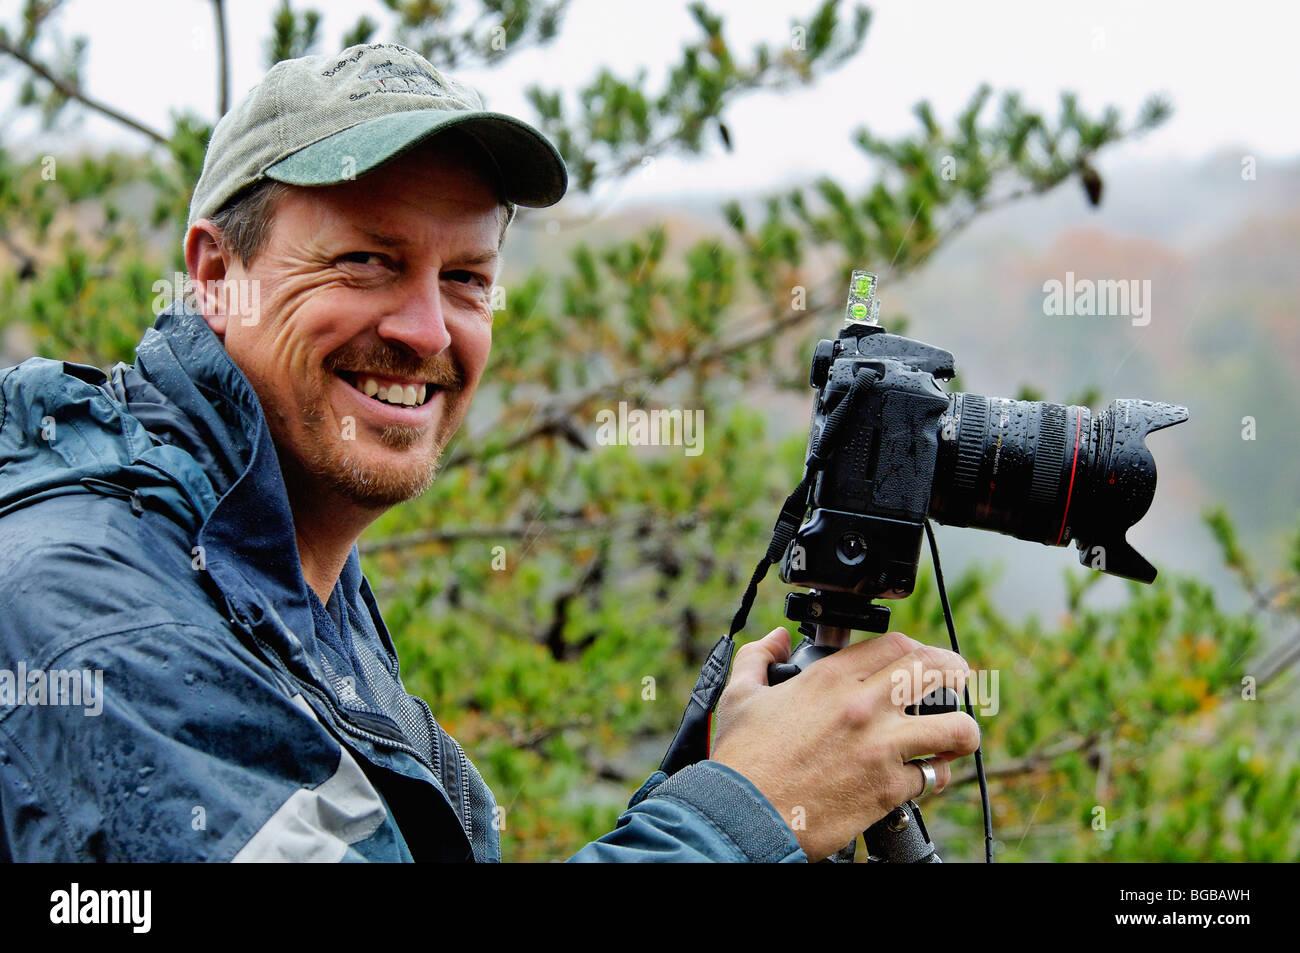 Photographe Outdoor professionnel Prise de vue sous la pluie Photo Stock